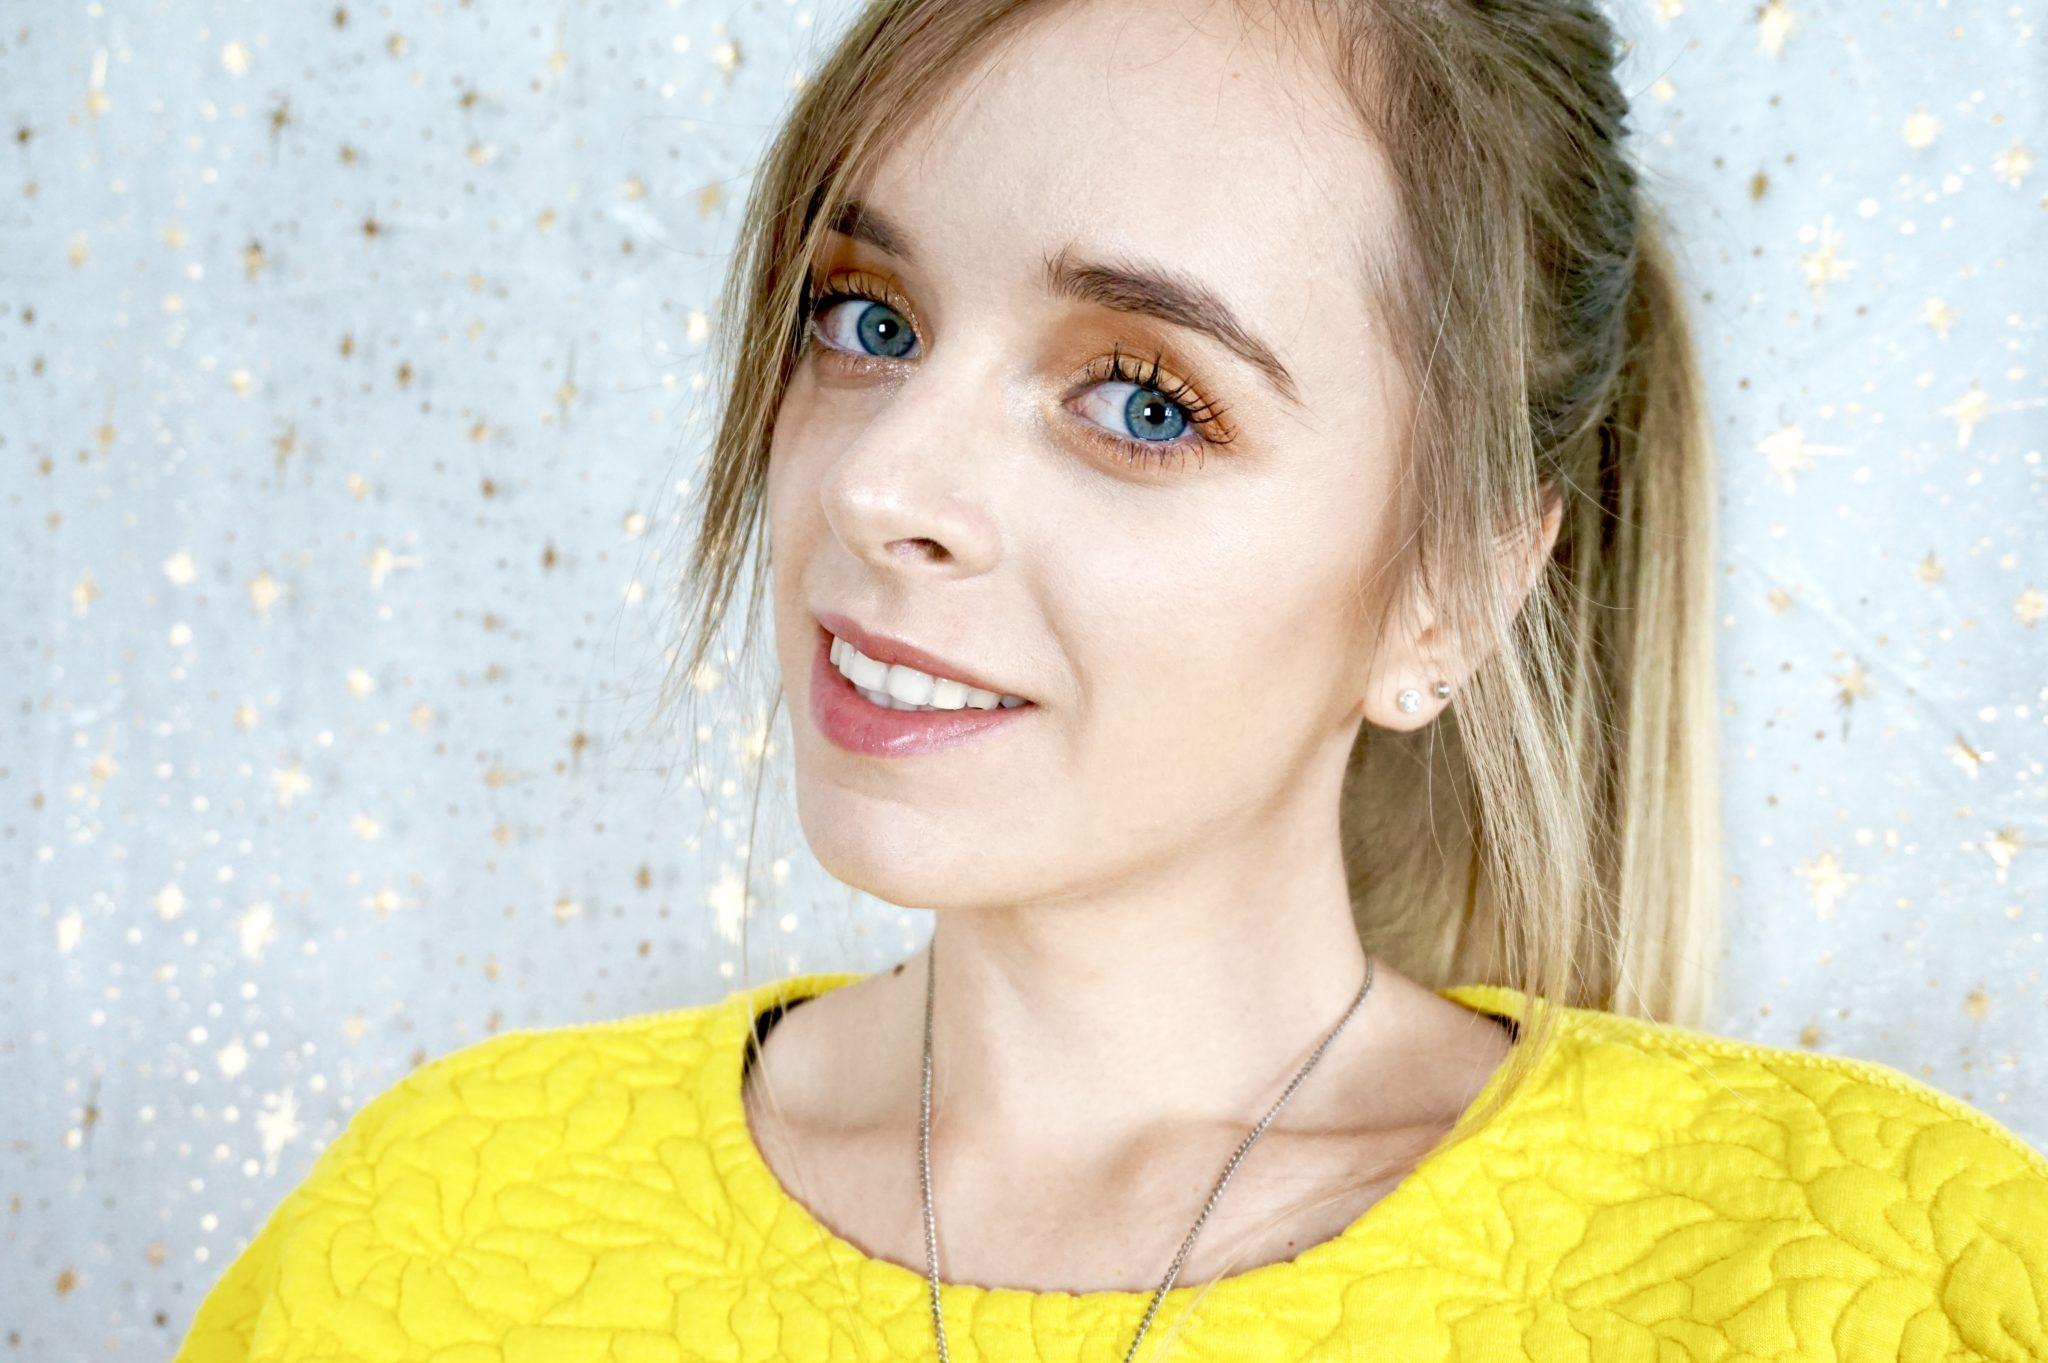 Maquillage jaune – MSC